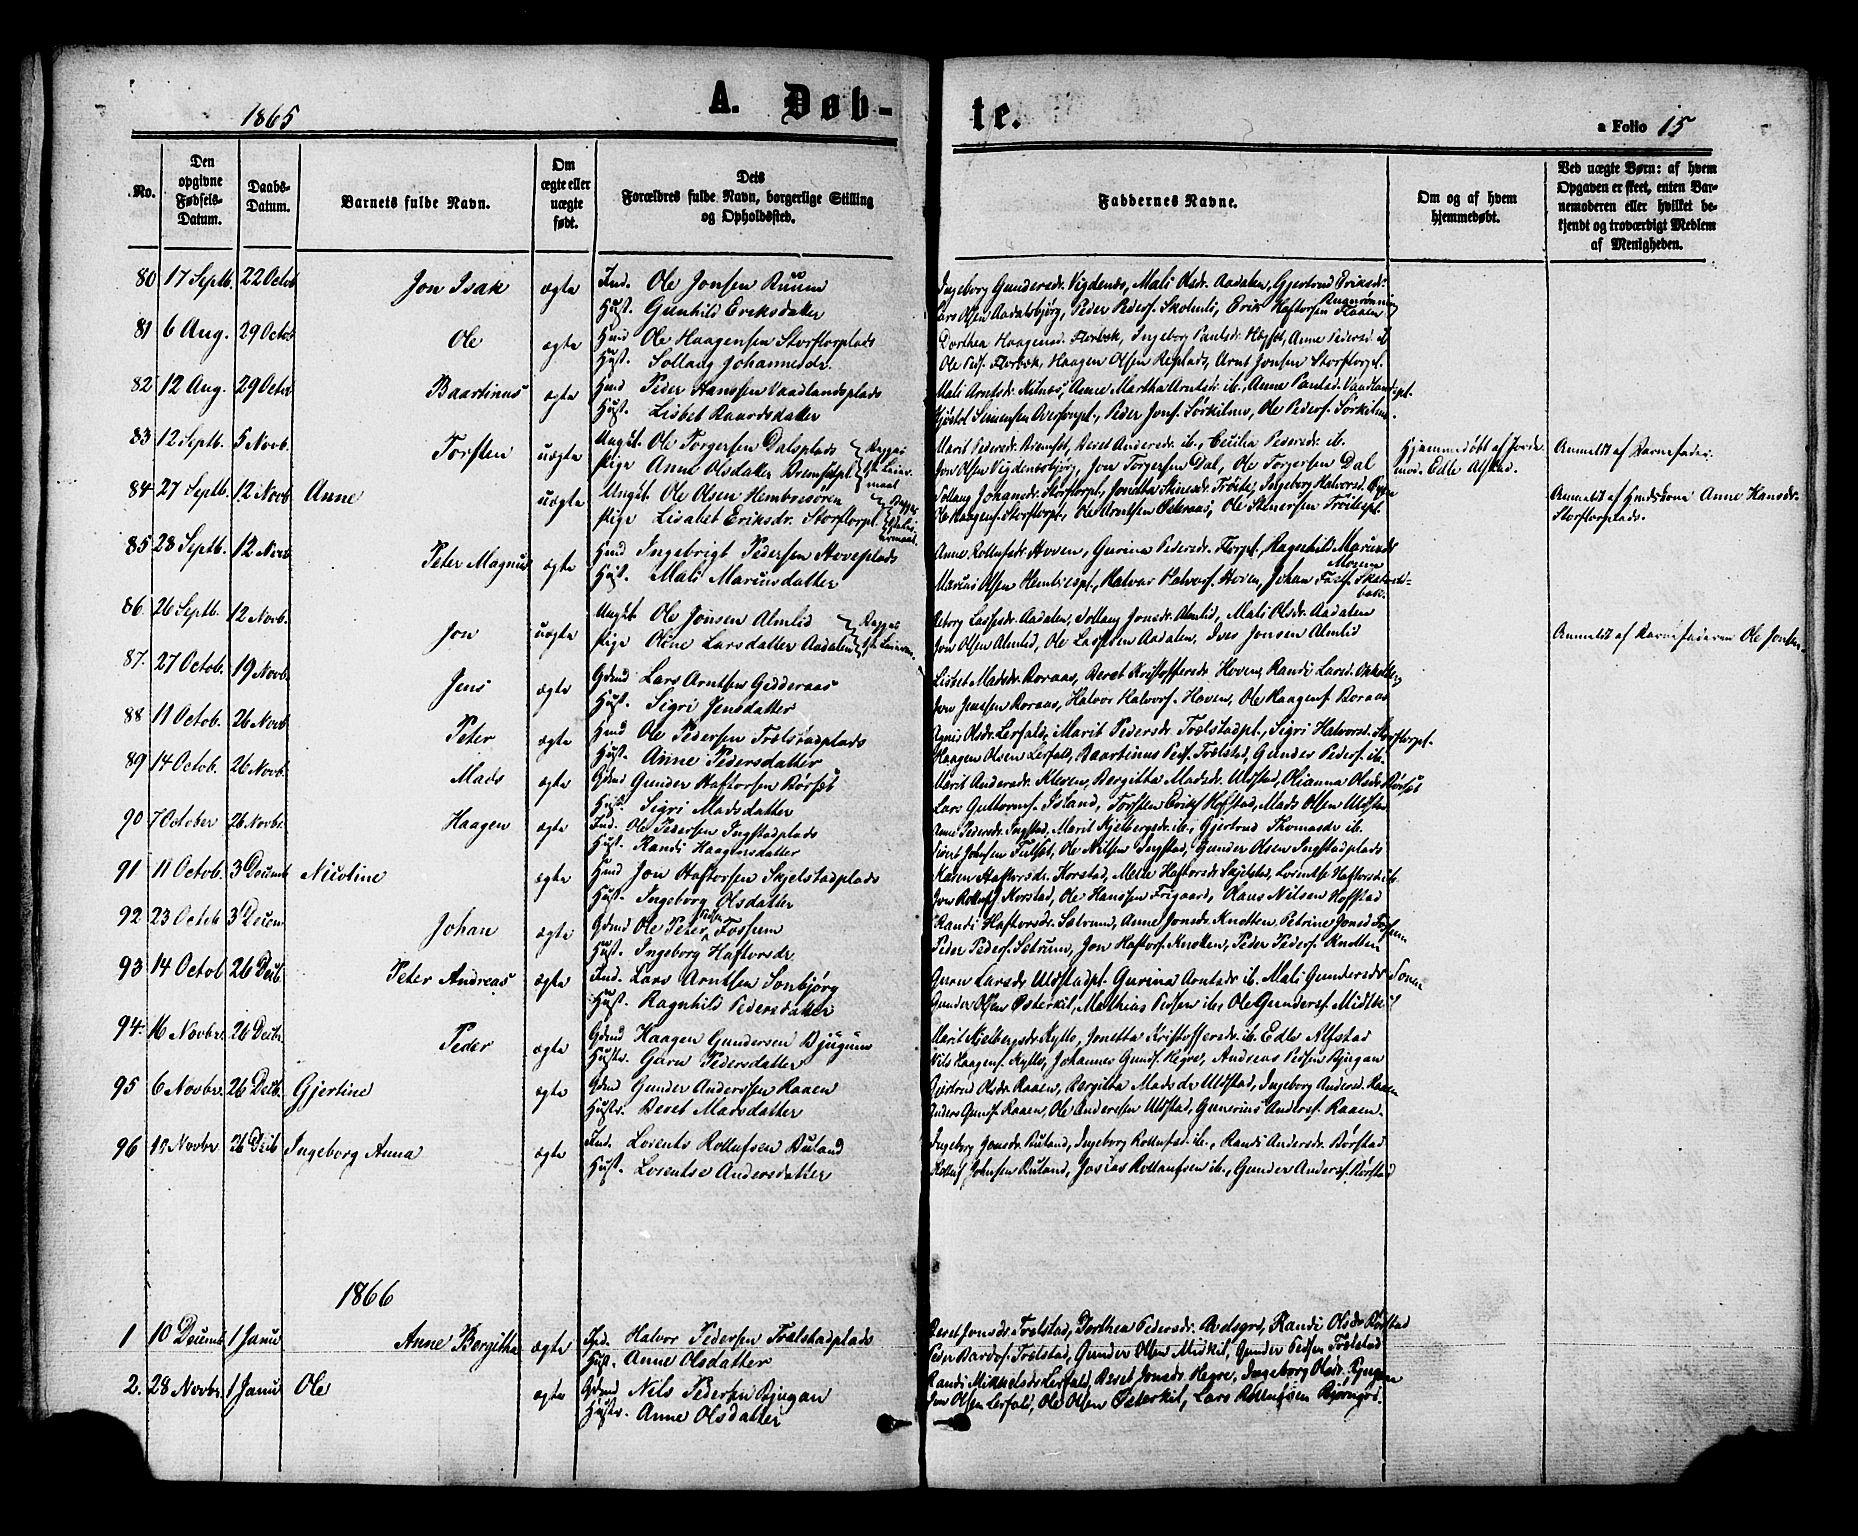 SAT, Ministerialprotokoller, klokkerbøker og fødselsregistre - Nord-Trøndelag, 703/L0029: Ministerialbok nr. 703A02, 1863-1879, s. 15